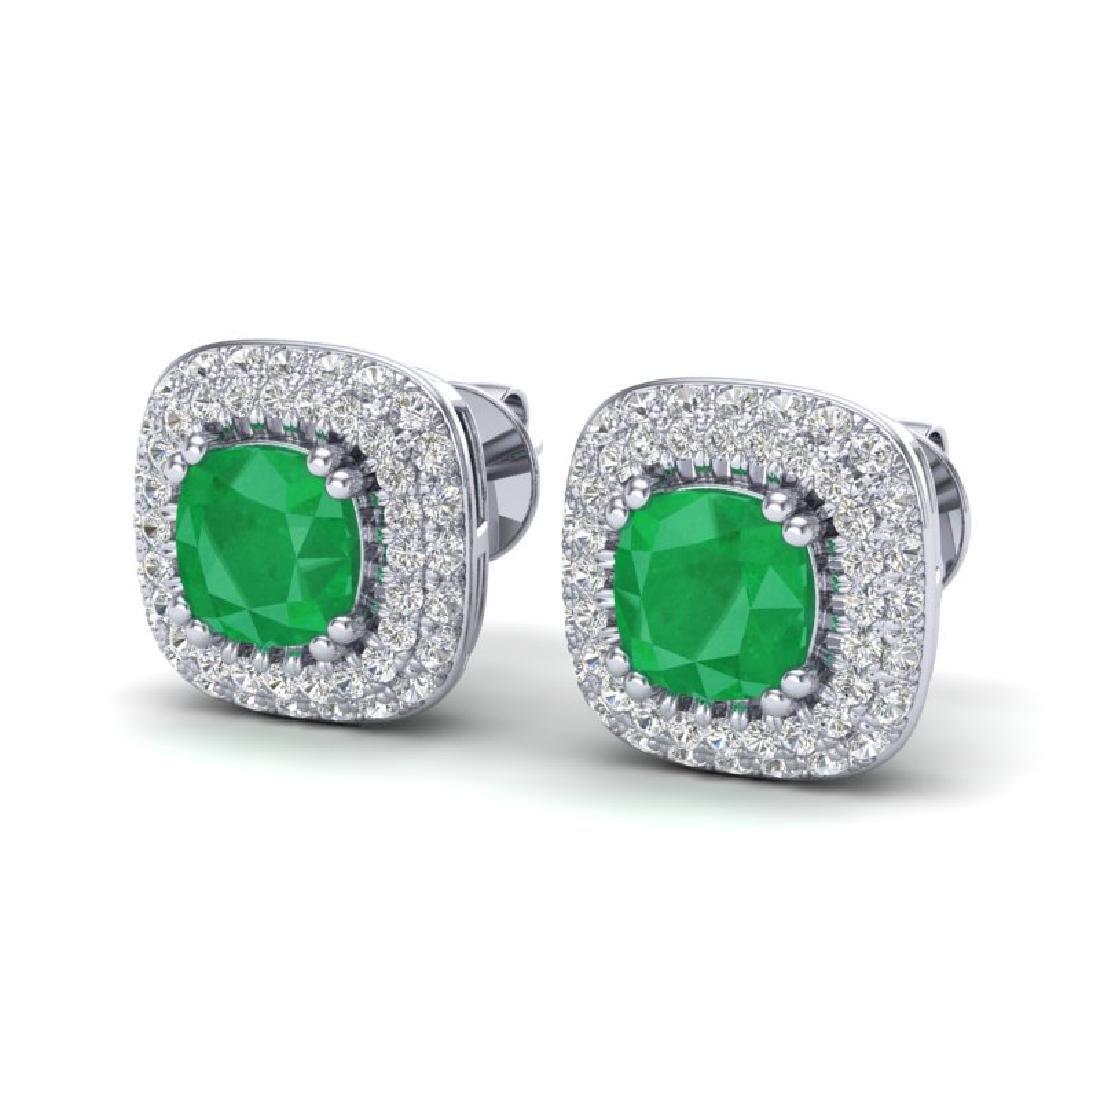 2.16 CTW Emerald & Micro VS/SI Diamond Earrings Halo